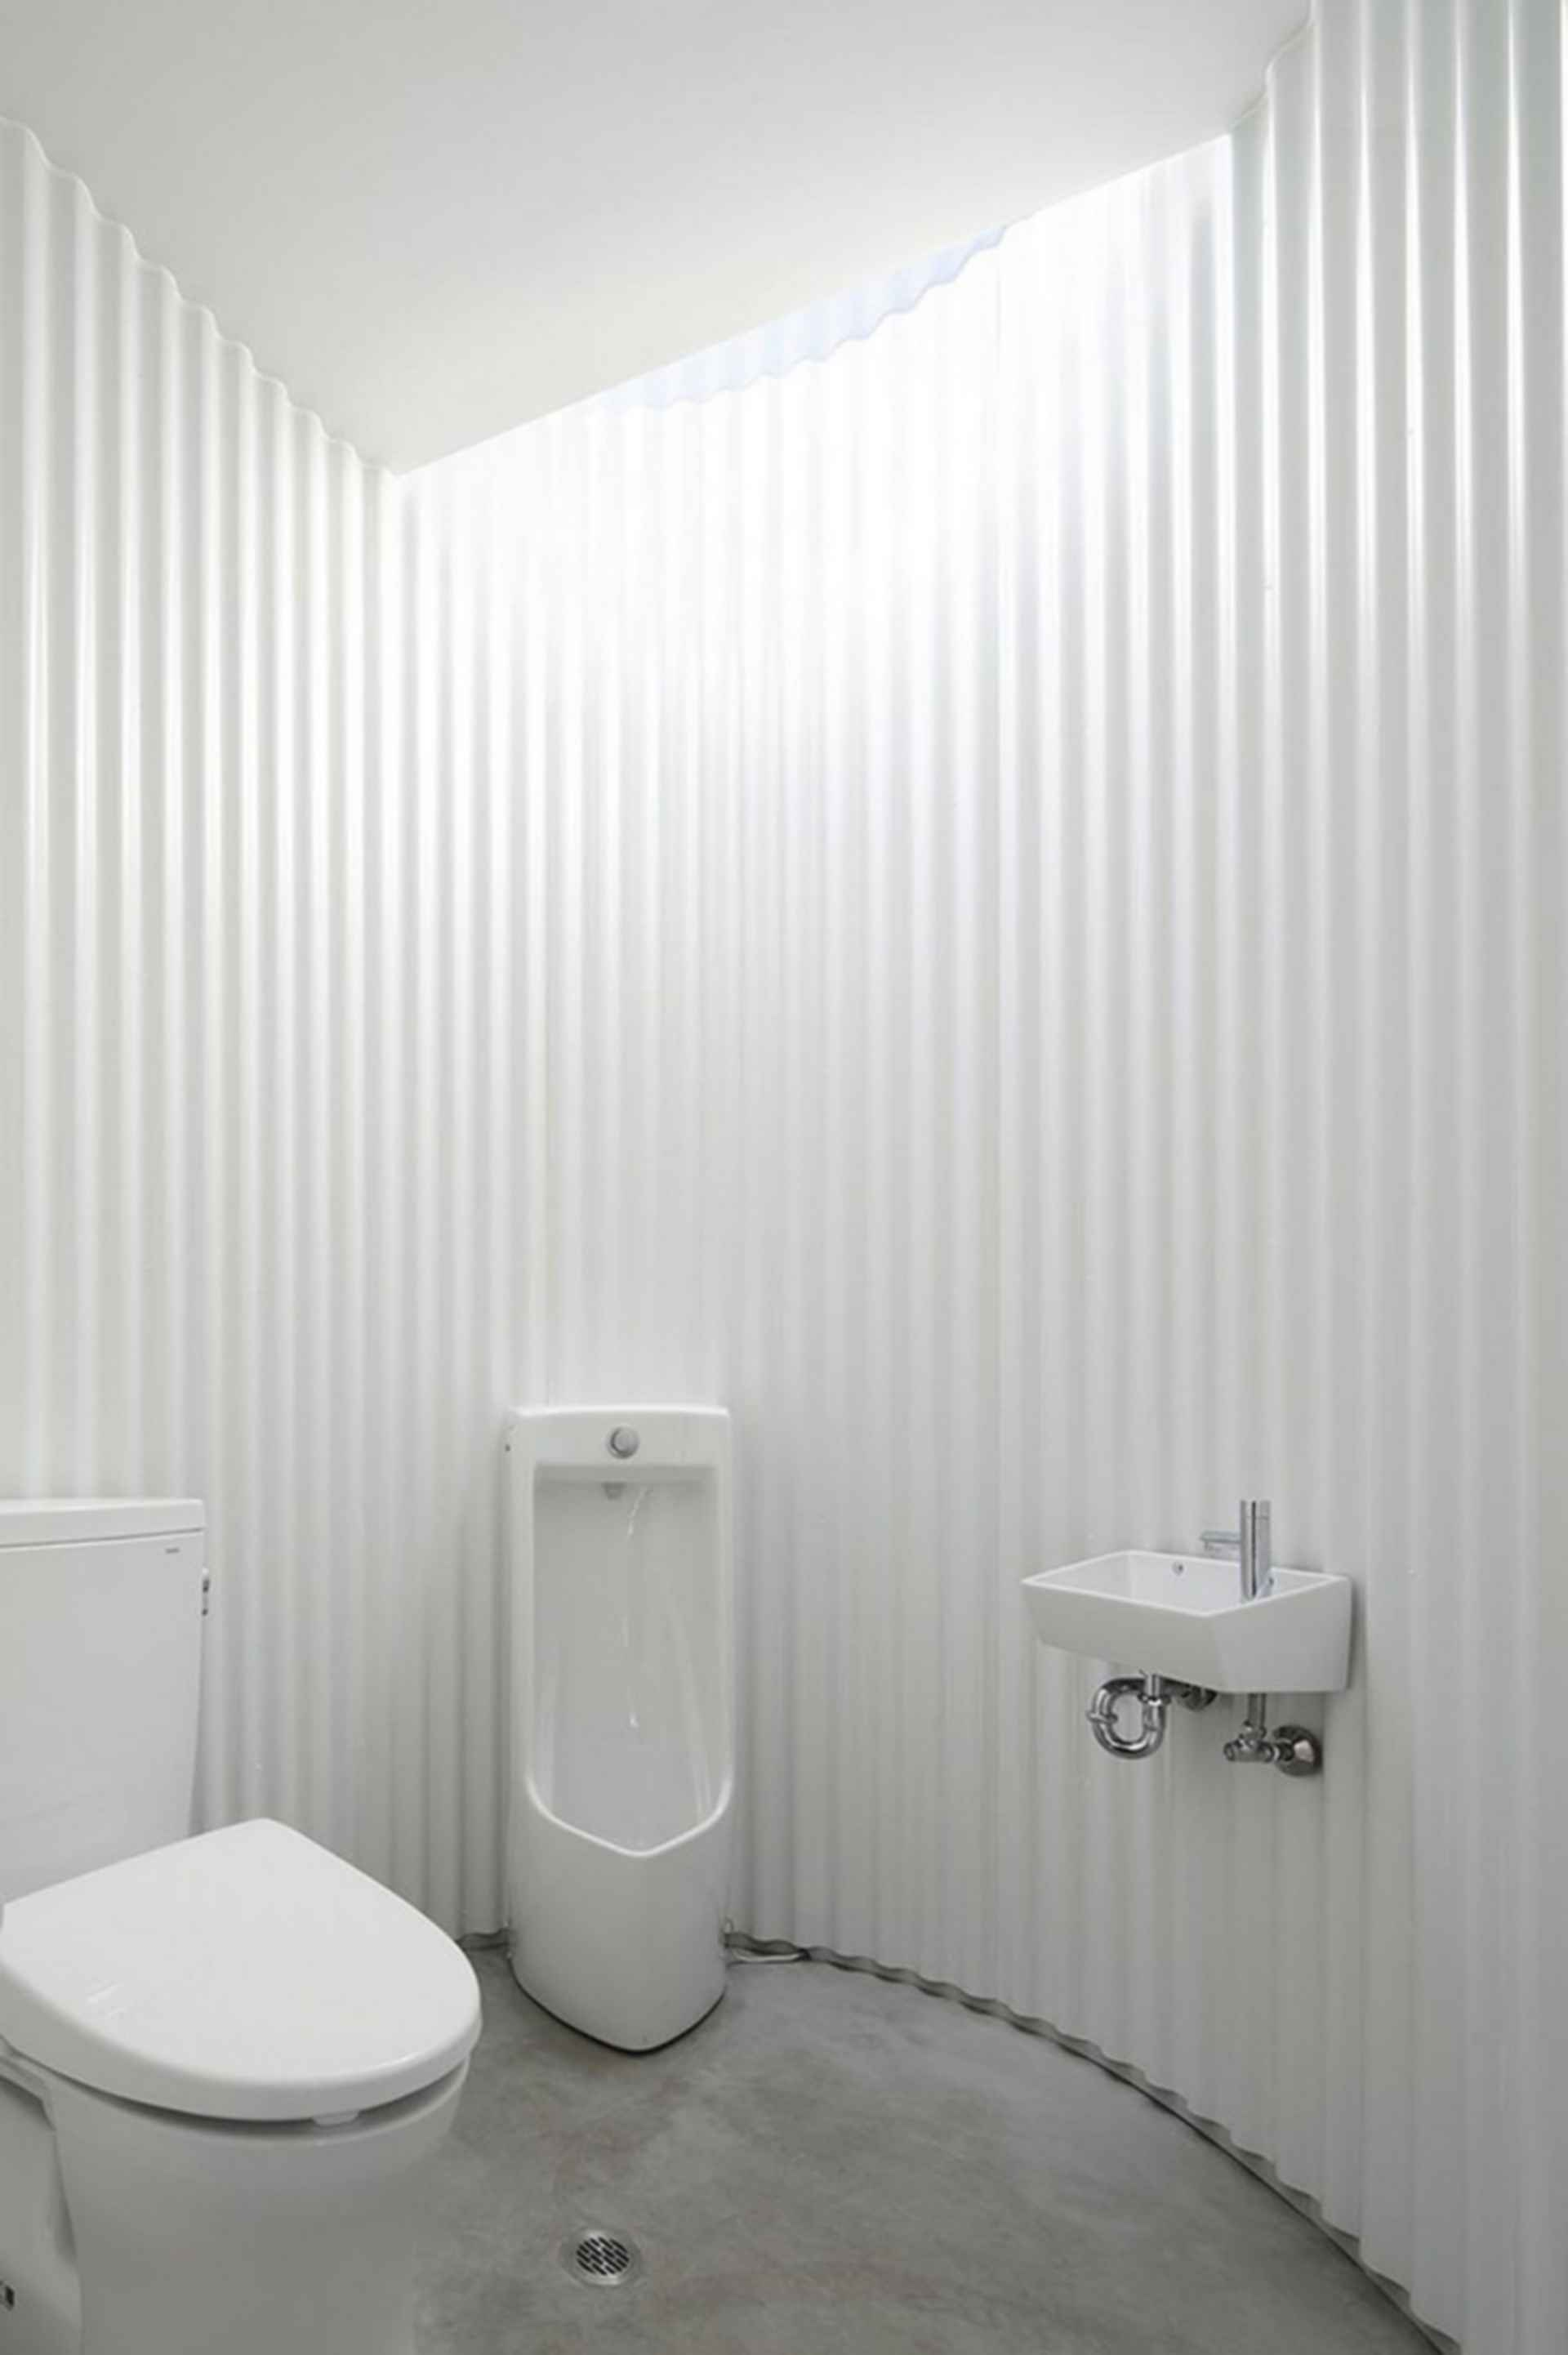 Isemachi Public Toilet - interior